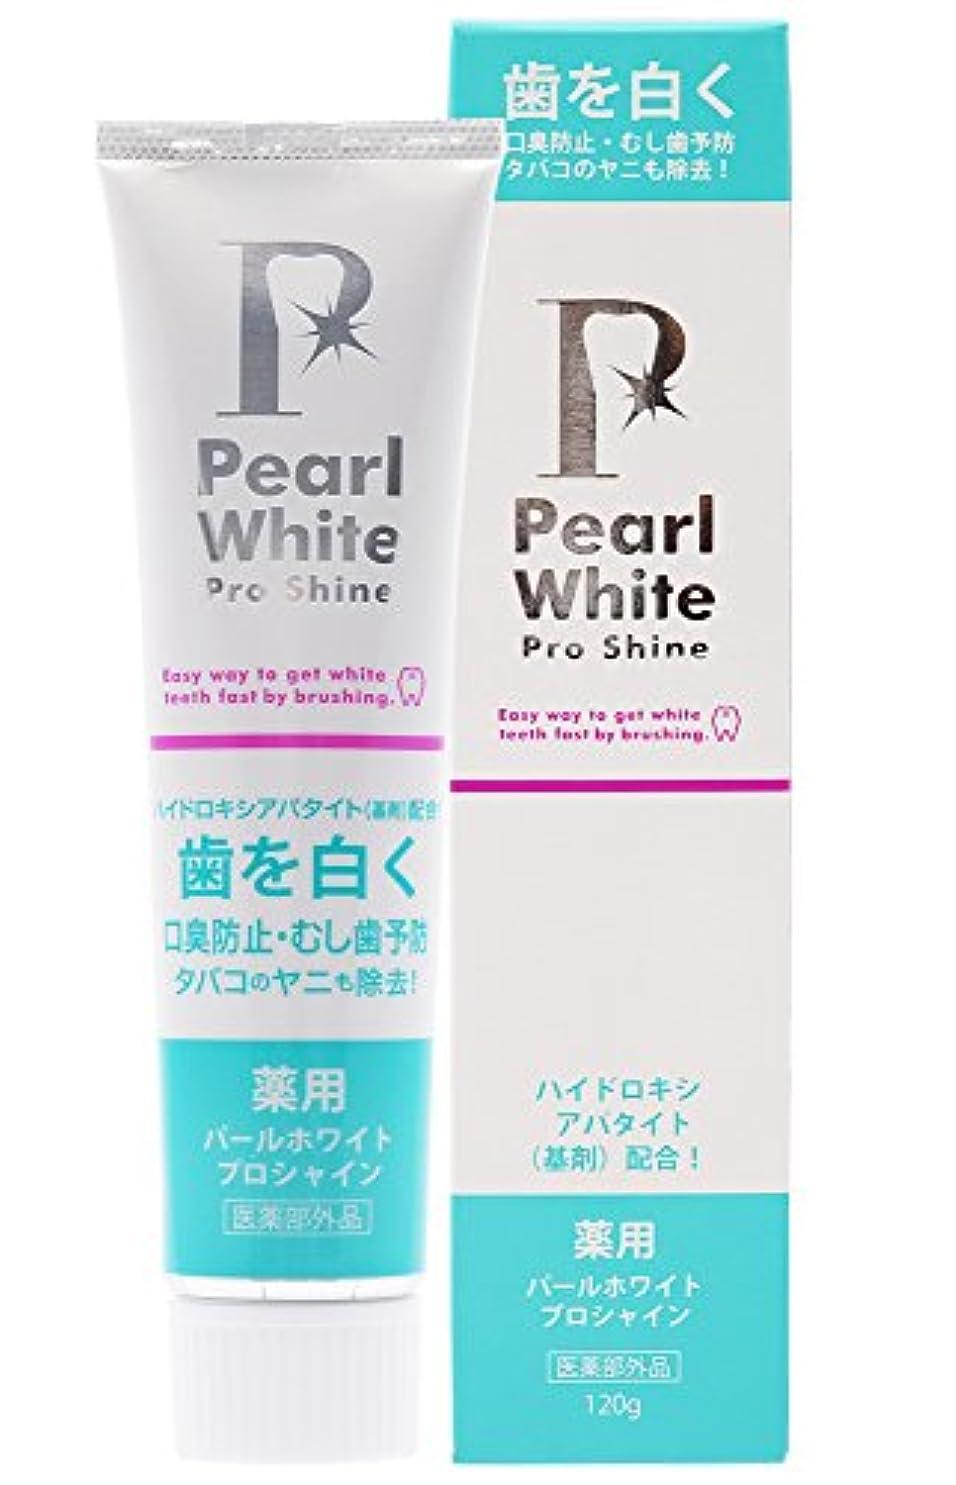 ギャラリーダイアクリティカル奇妙な薬用Pearl white Pro Shine 120g [医薬部外品]